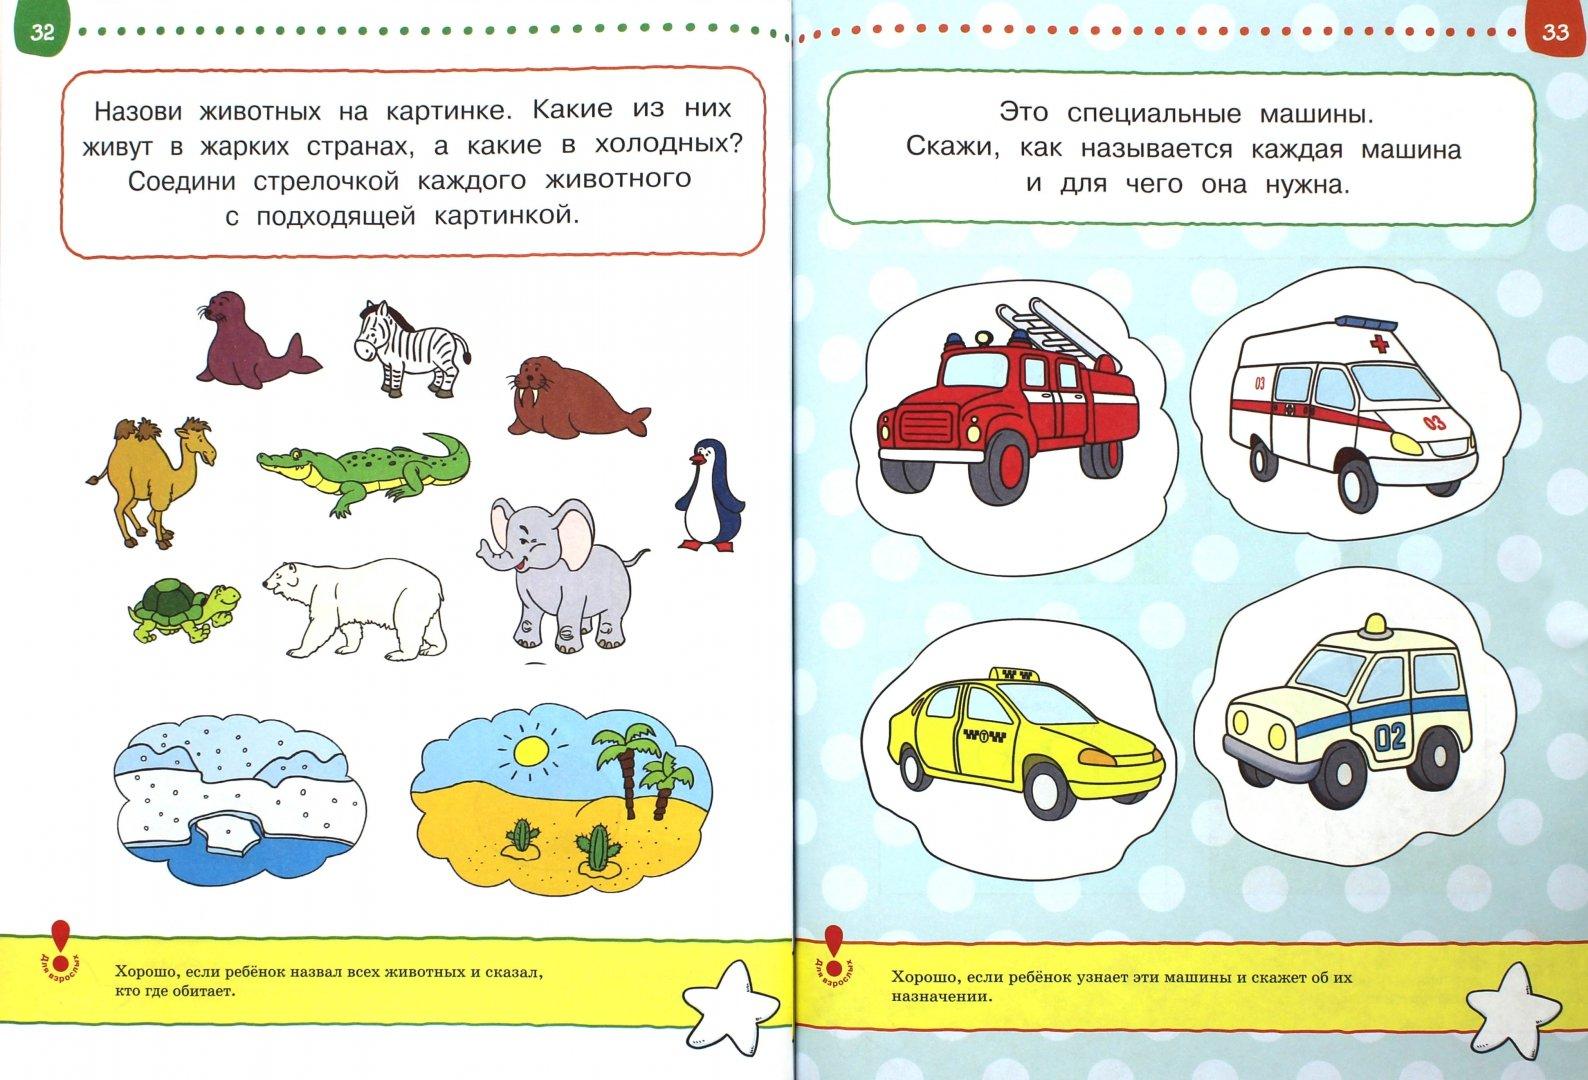 Иллюстрация 1 из 50 для Тесты. От простого к сложному. 4-5 лет - Ольга Земцова | Лабиринт - книги. Источник: Лабиринт